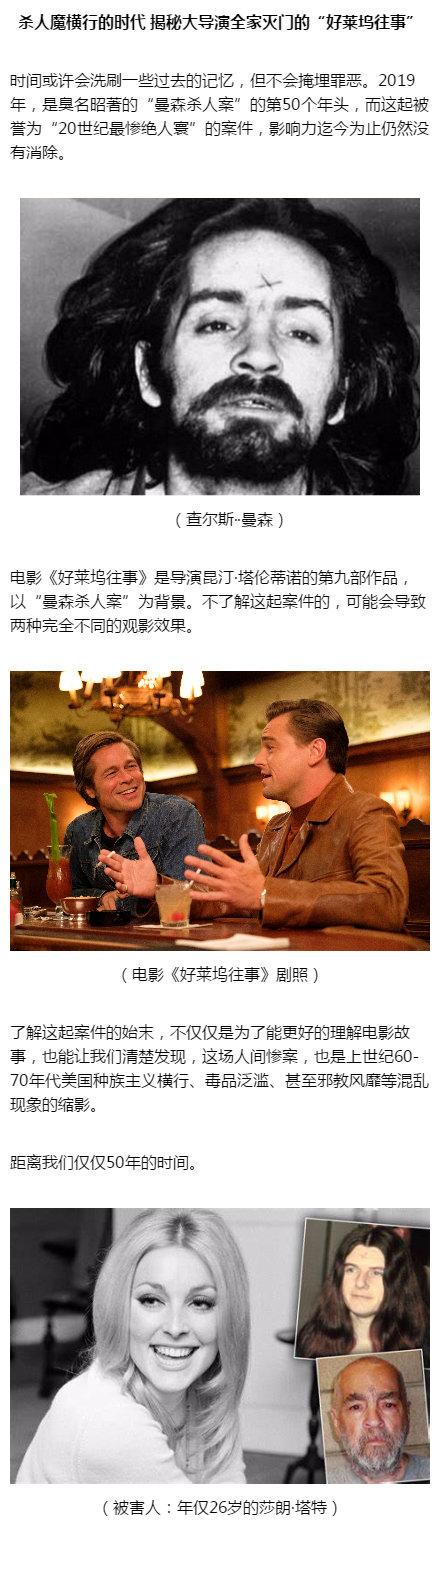 《好莱坞往事》竟然定档10月25日内地公映